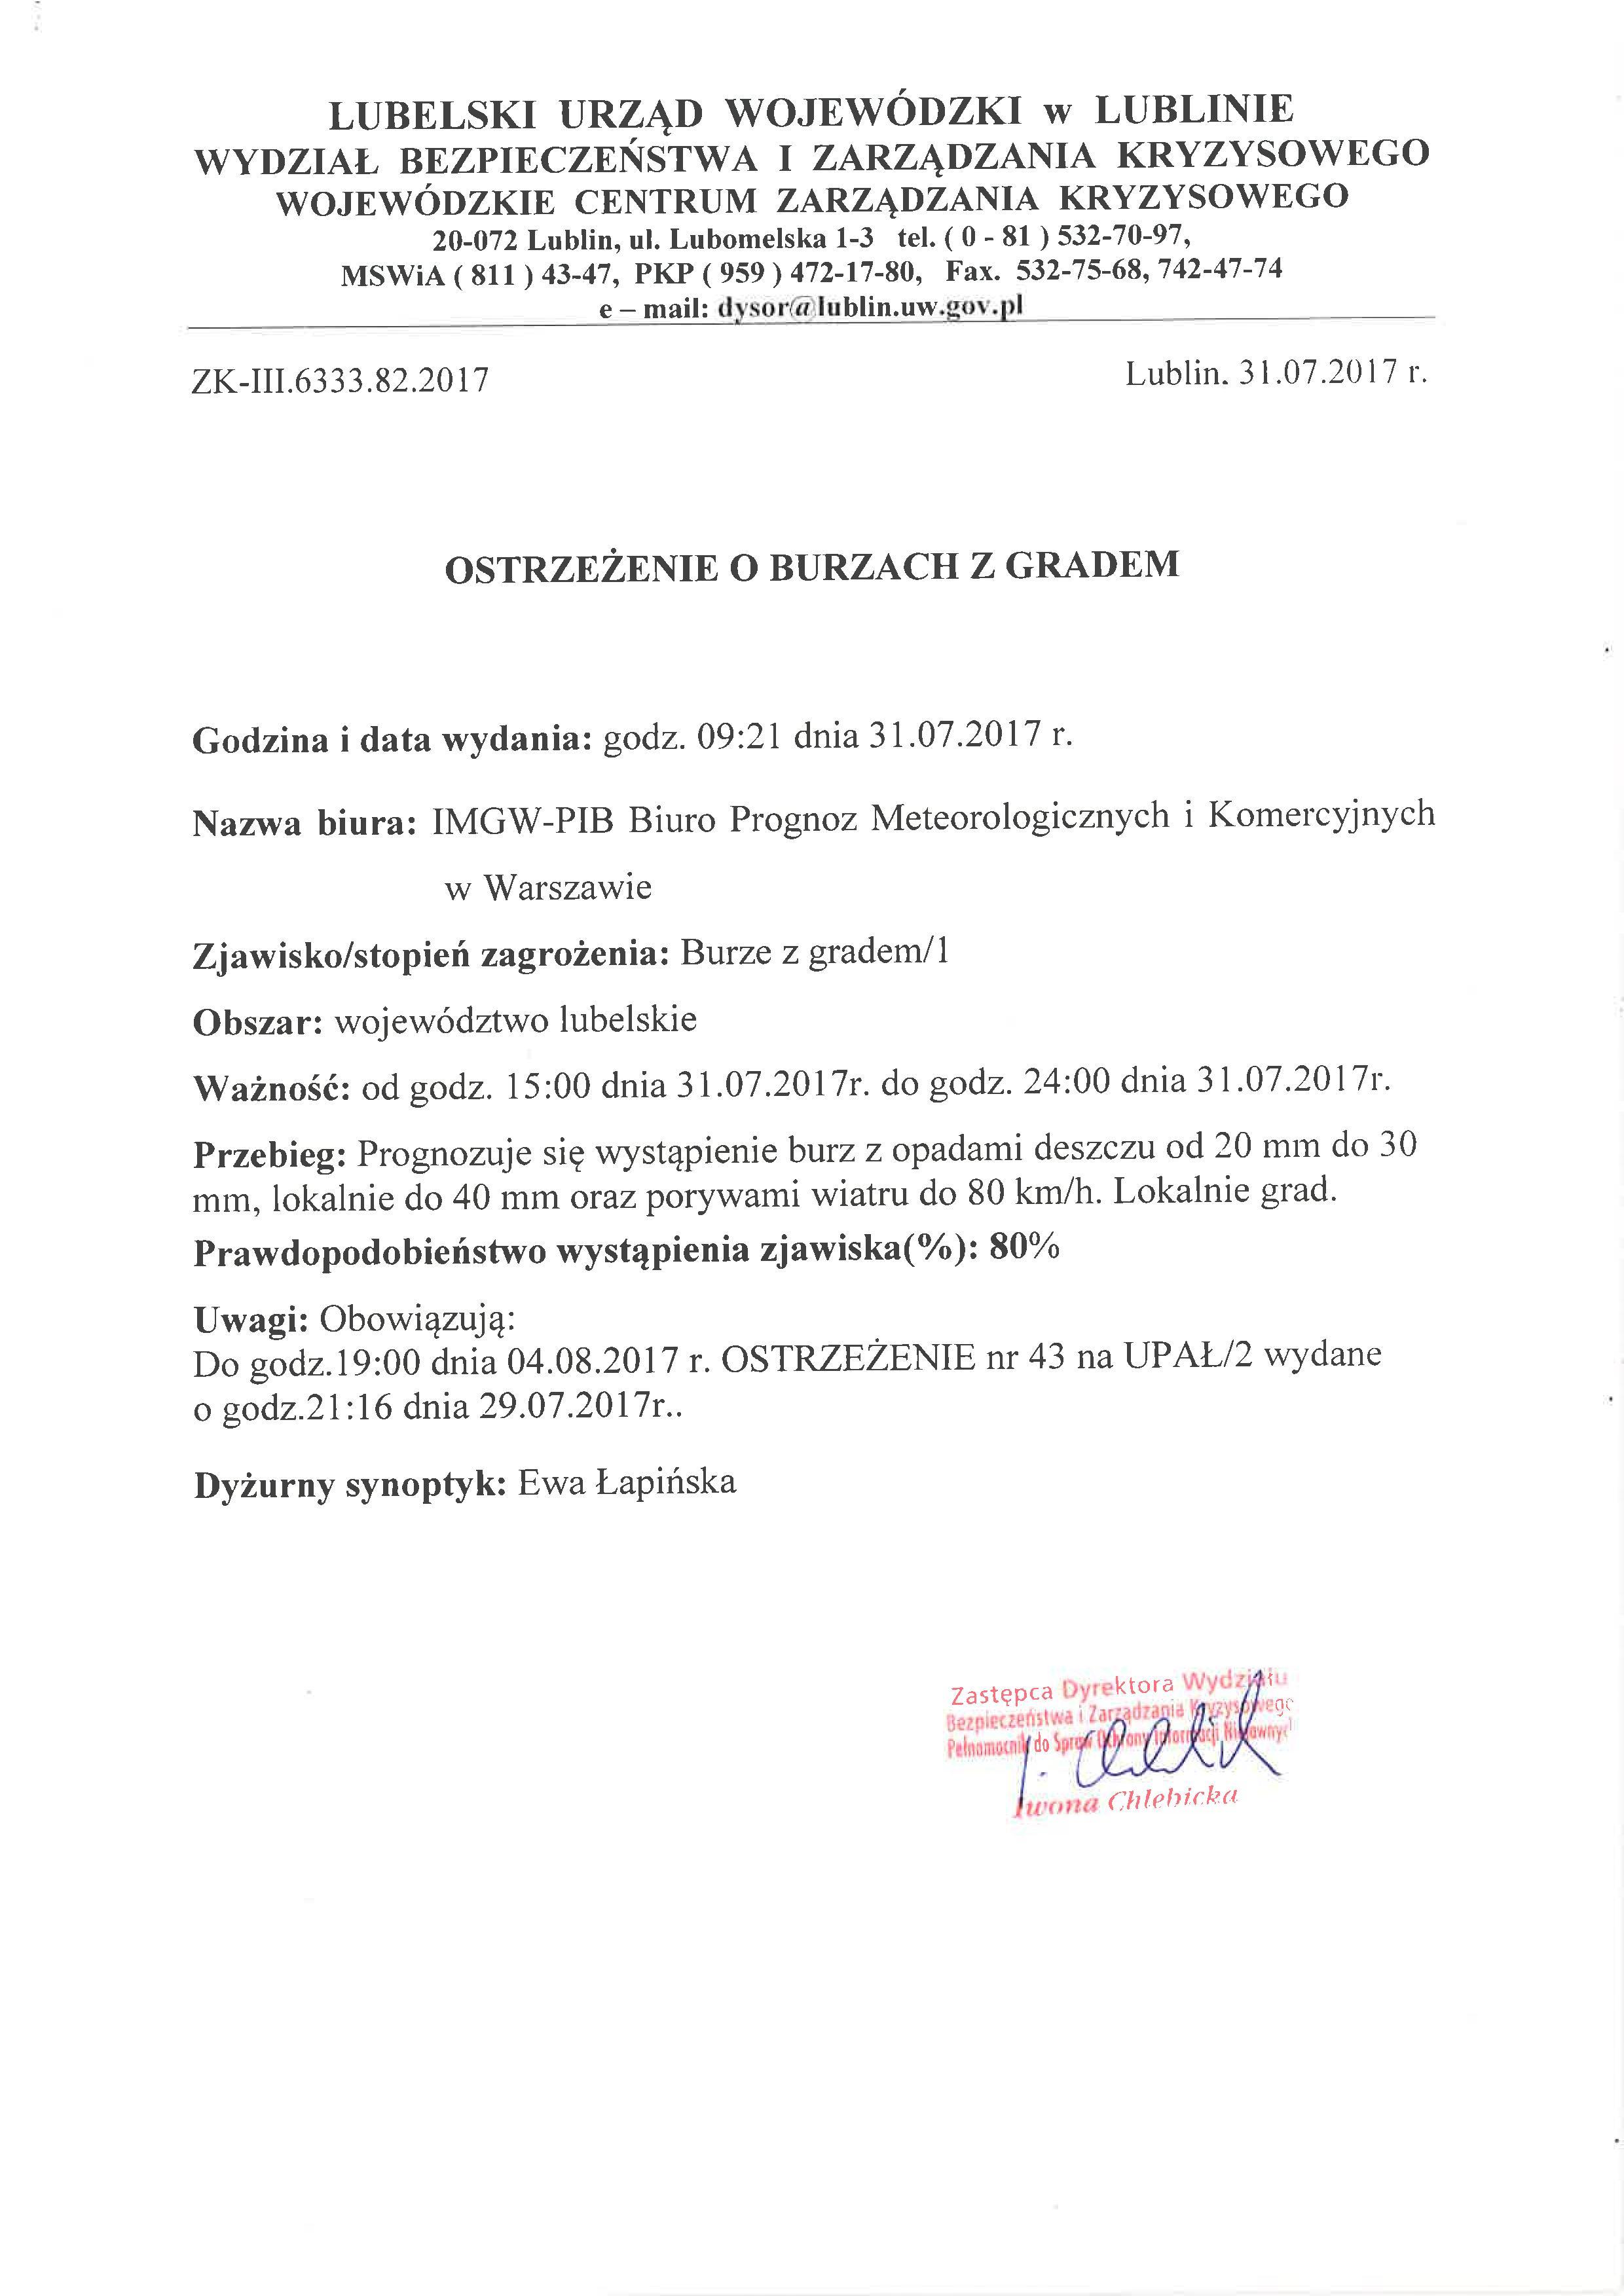 Ostrzeżenie o burzach z gradem 31.07.2017 r. [PDF, 47 KB]